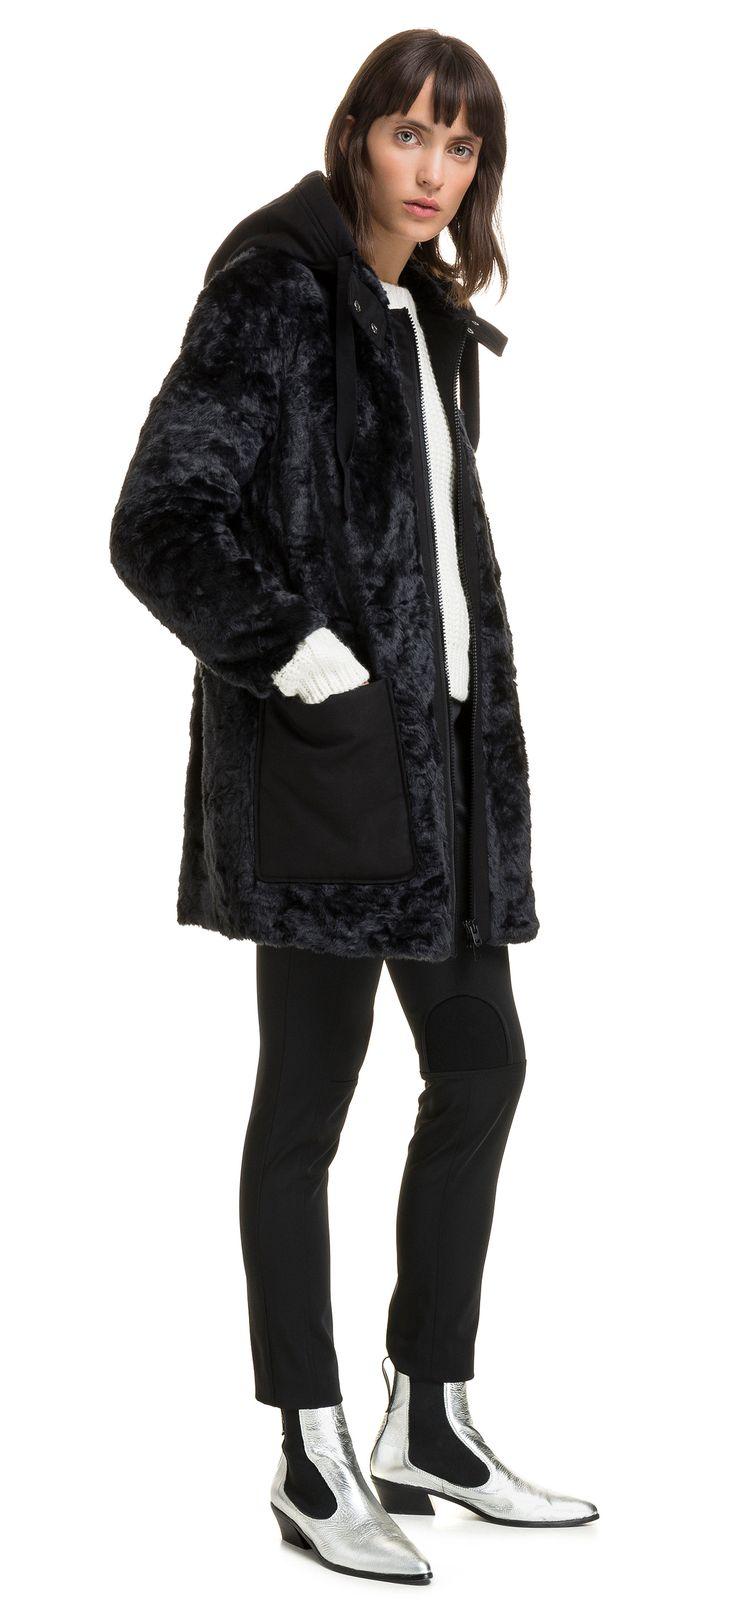 Abrigo de pelo BIMBA Y LOLA en color azul petróleo. Modelo de corte recto con capucha y bolsillos a contraste en tejido. Cuello redondo con cierre de